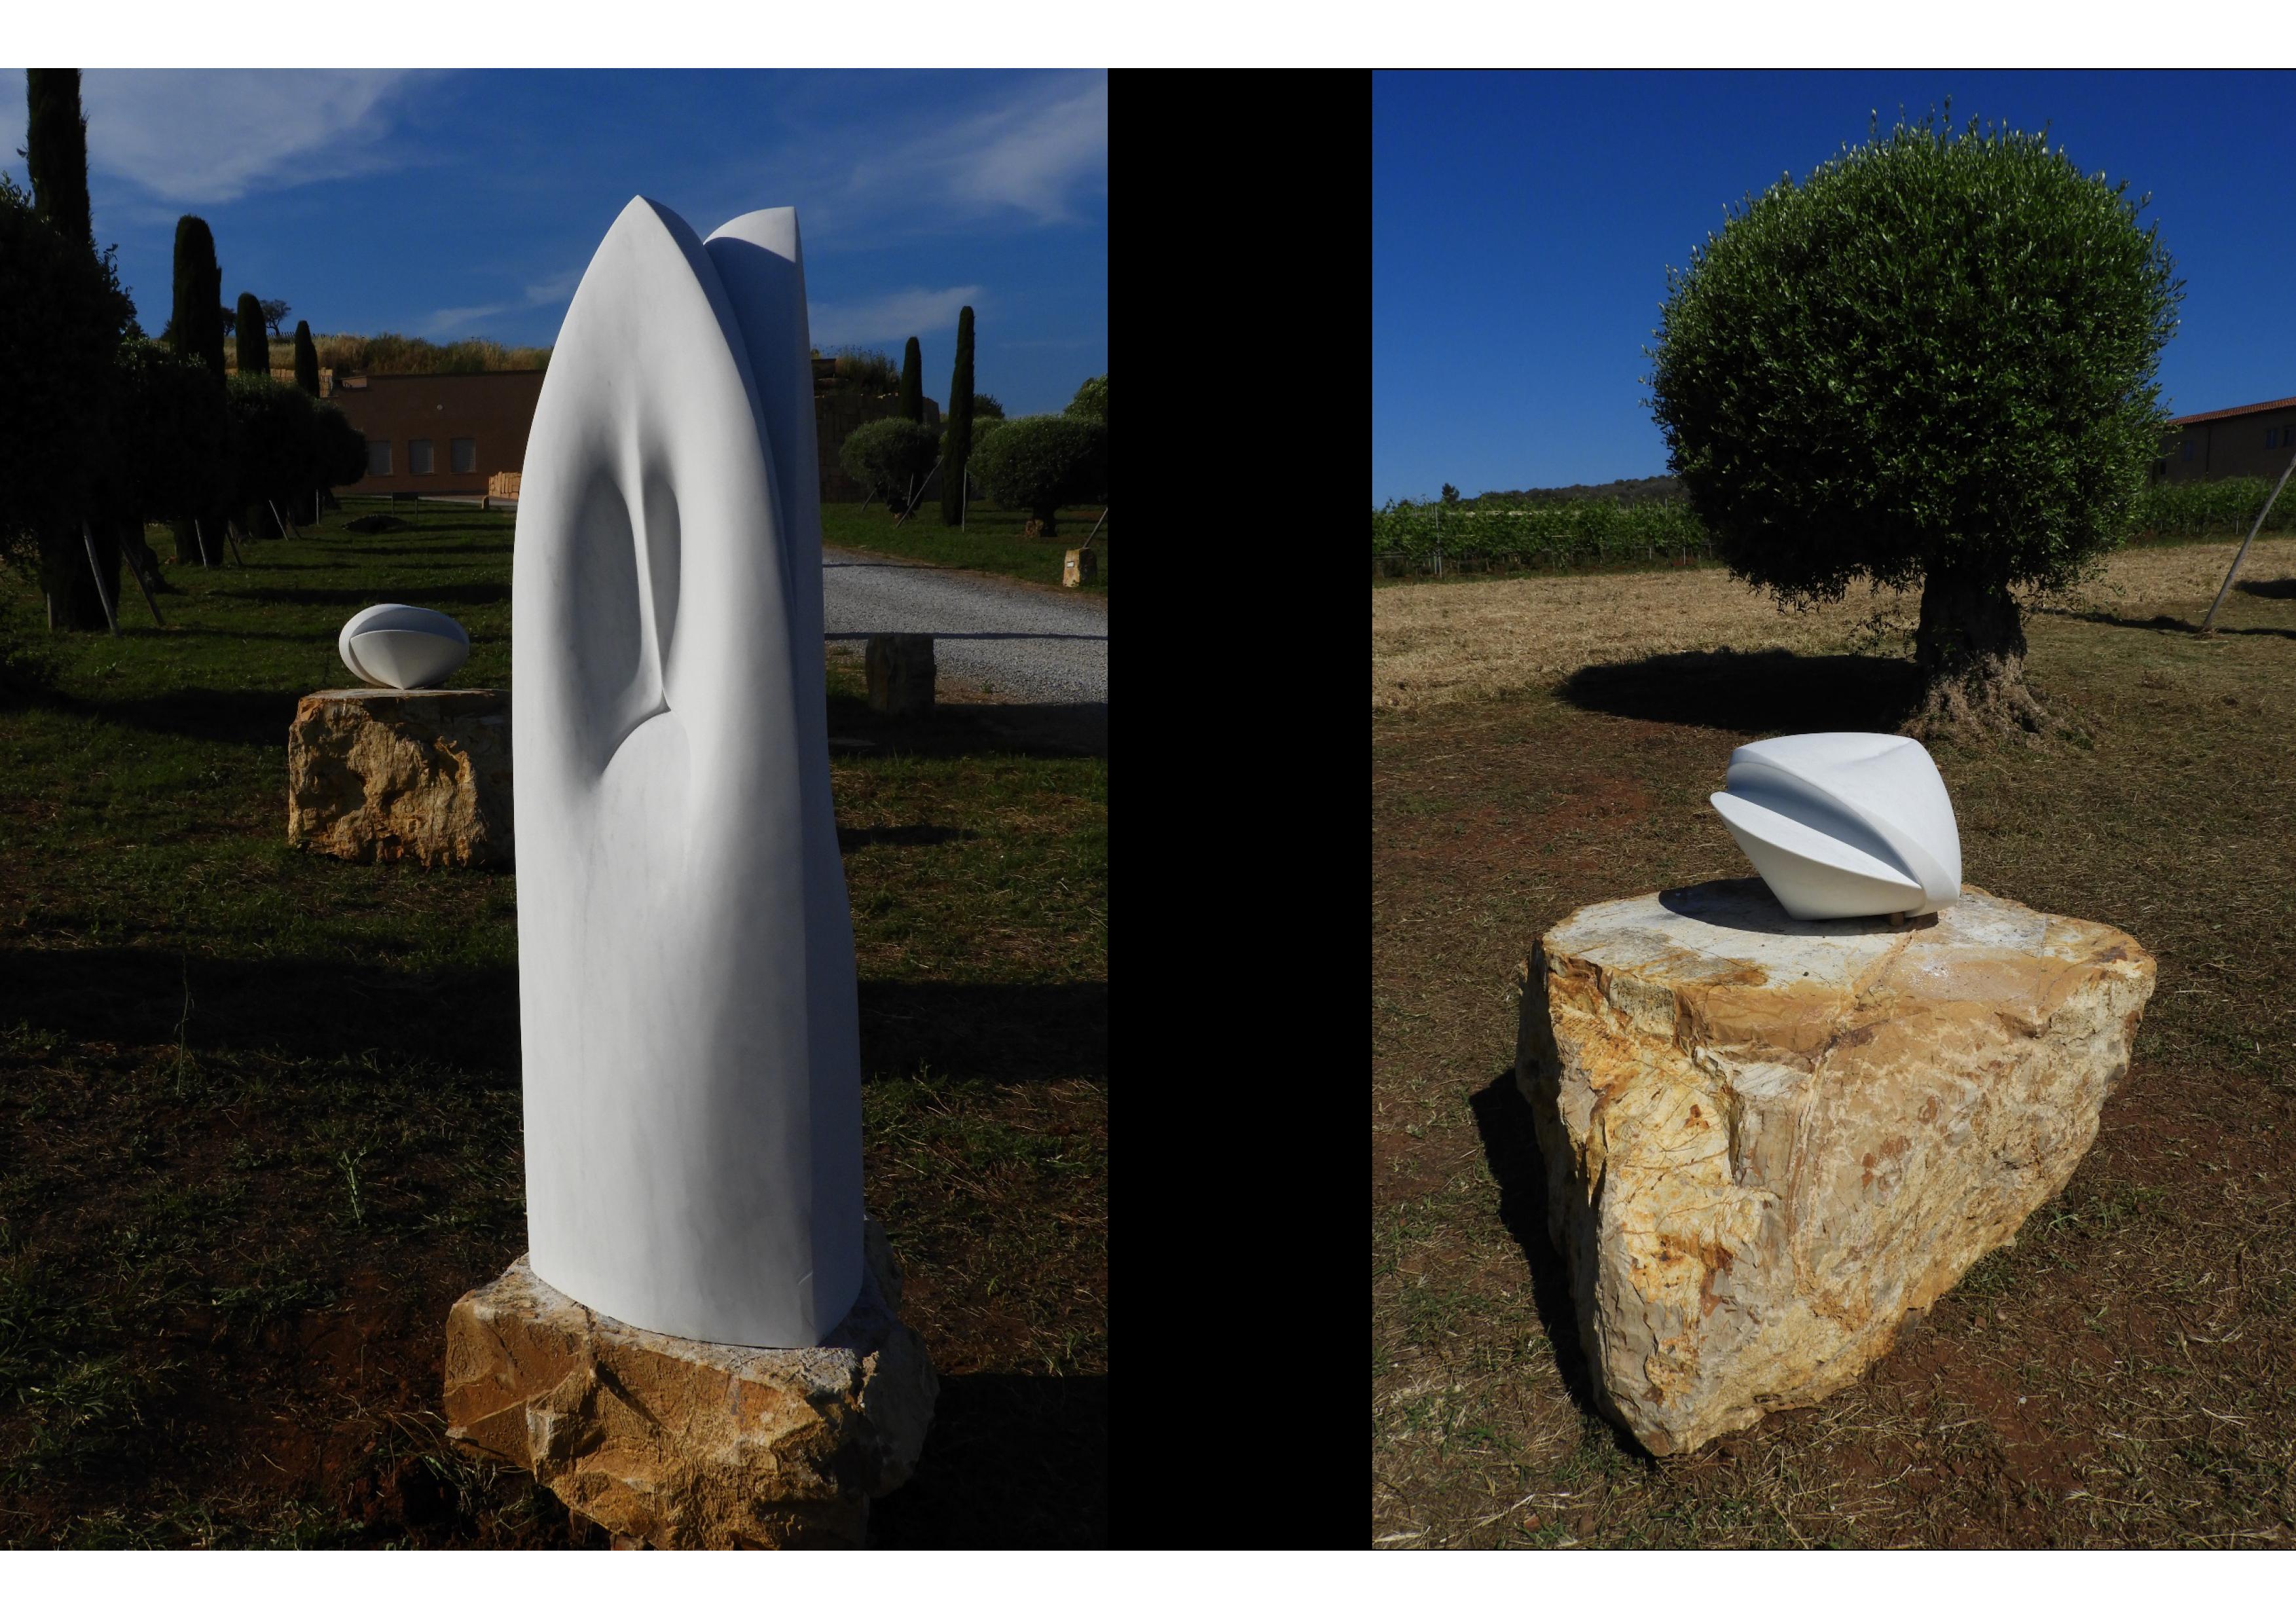 Hic et nunc  h 32 x 43 x 43 cm h 140 x 47 x 47 cm  marble  2018